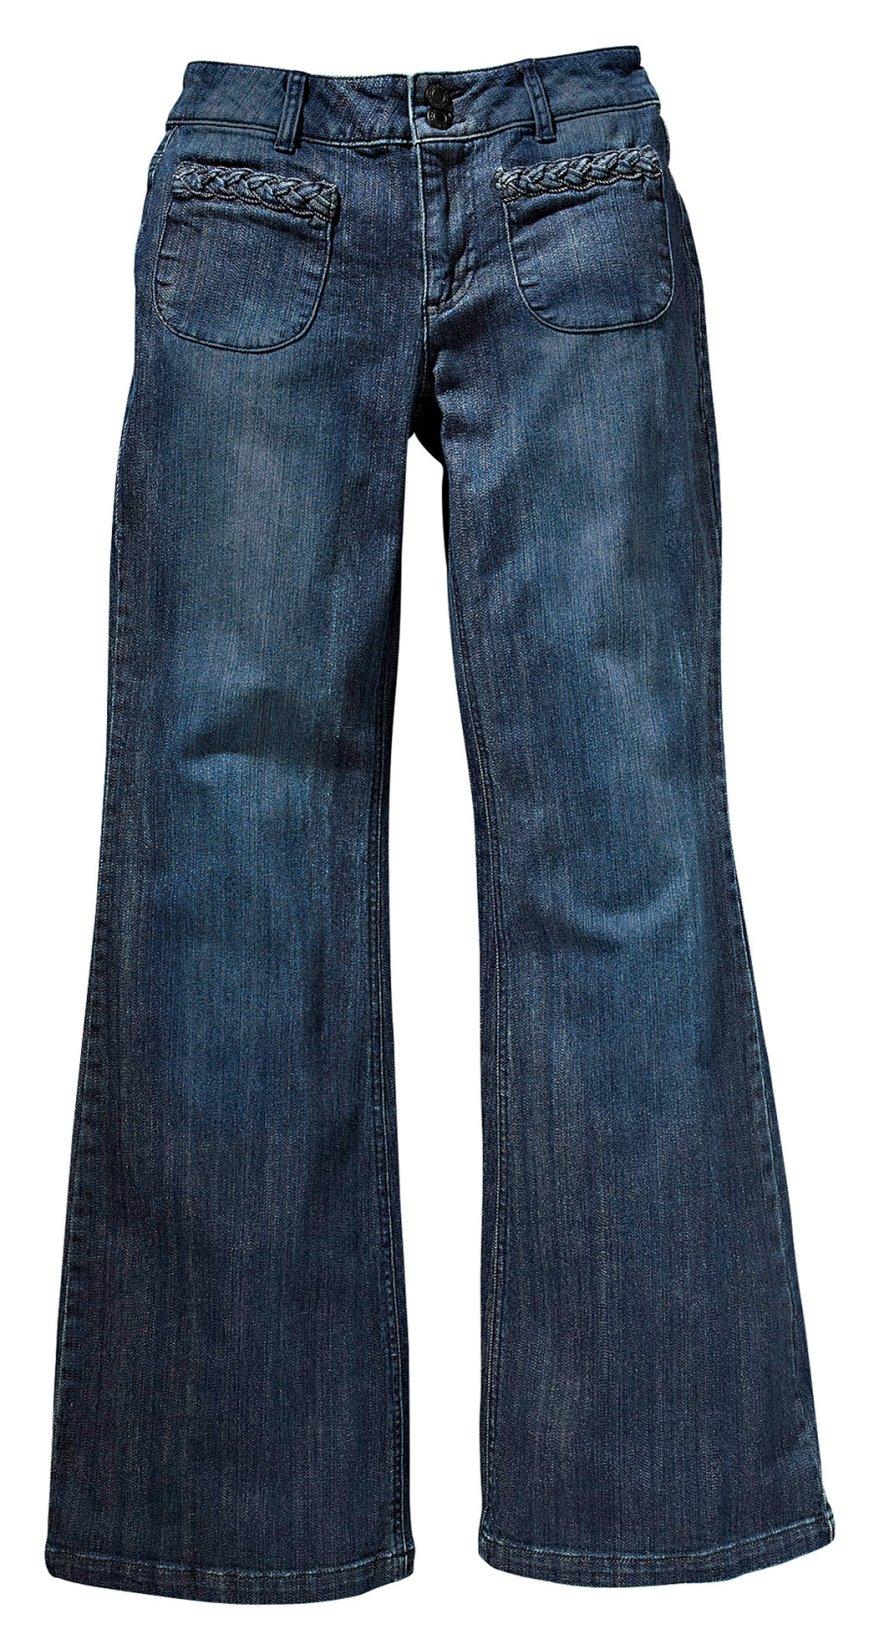 Une silhouette allongée avec un jean sur jean-femme.co